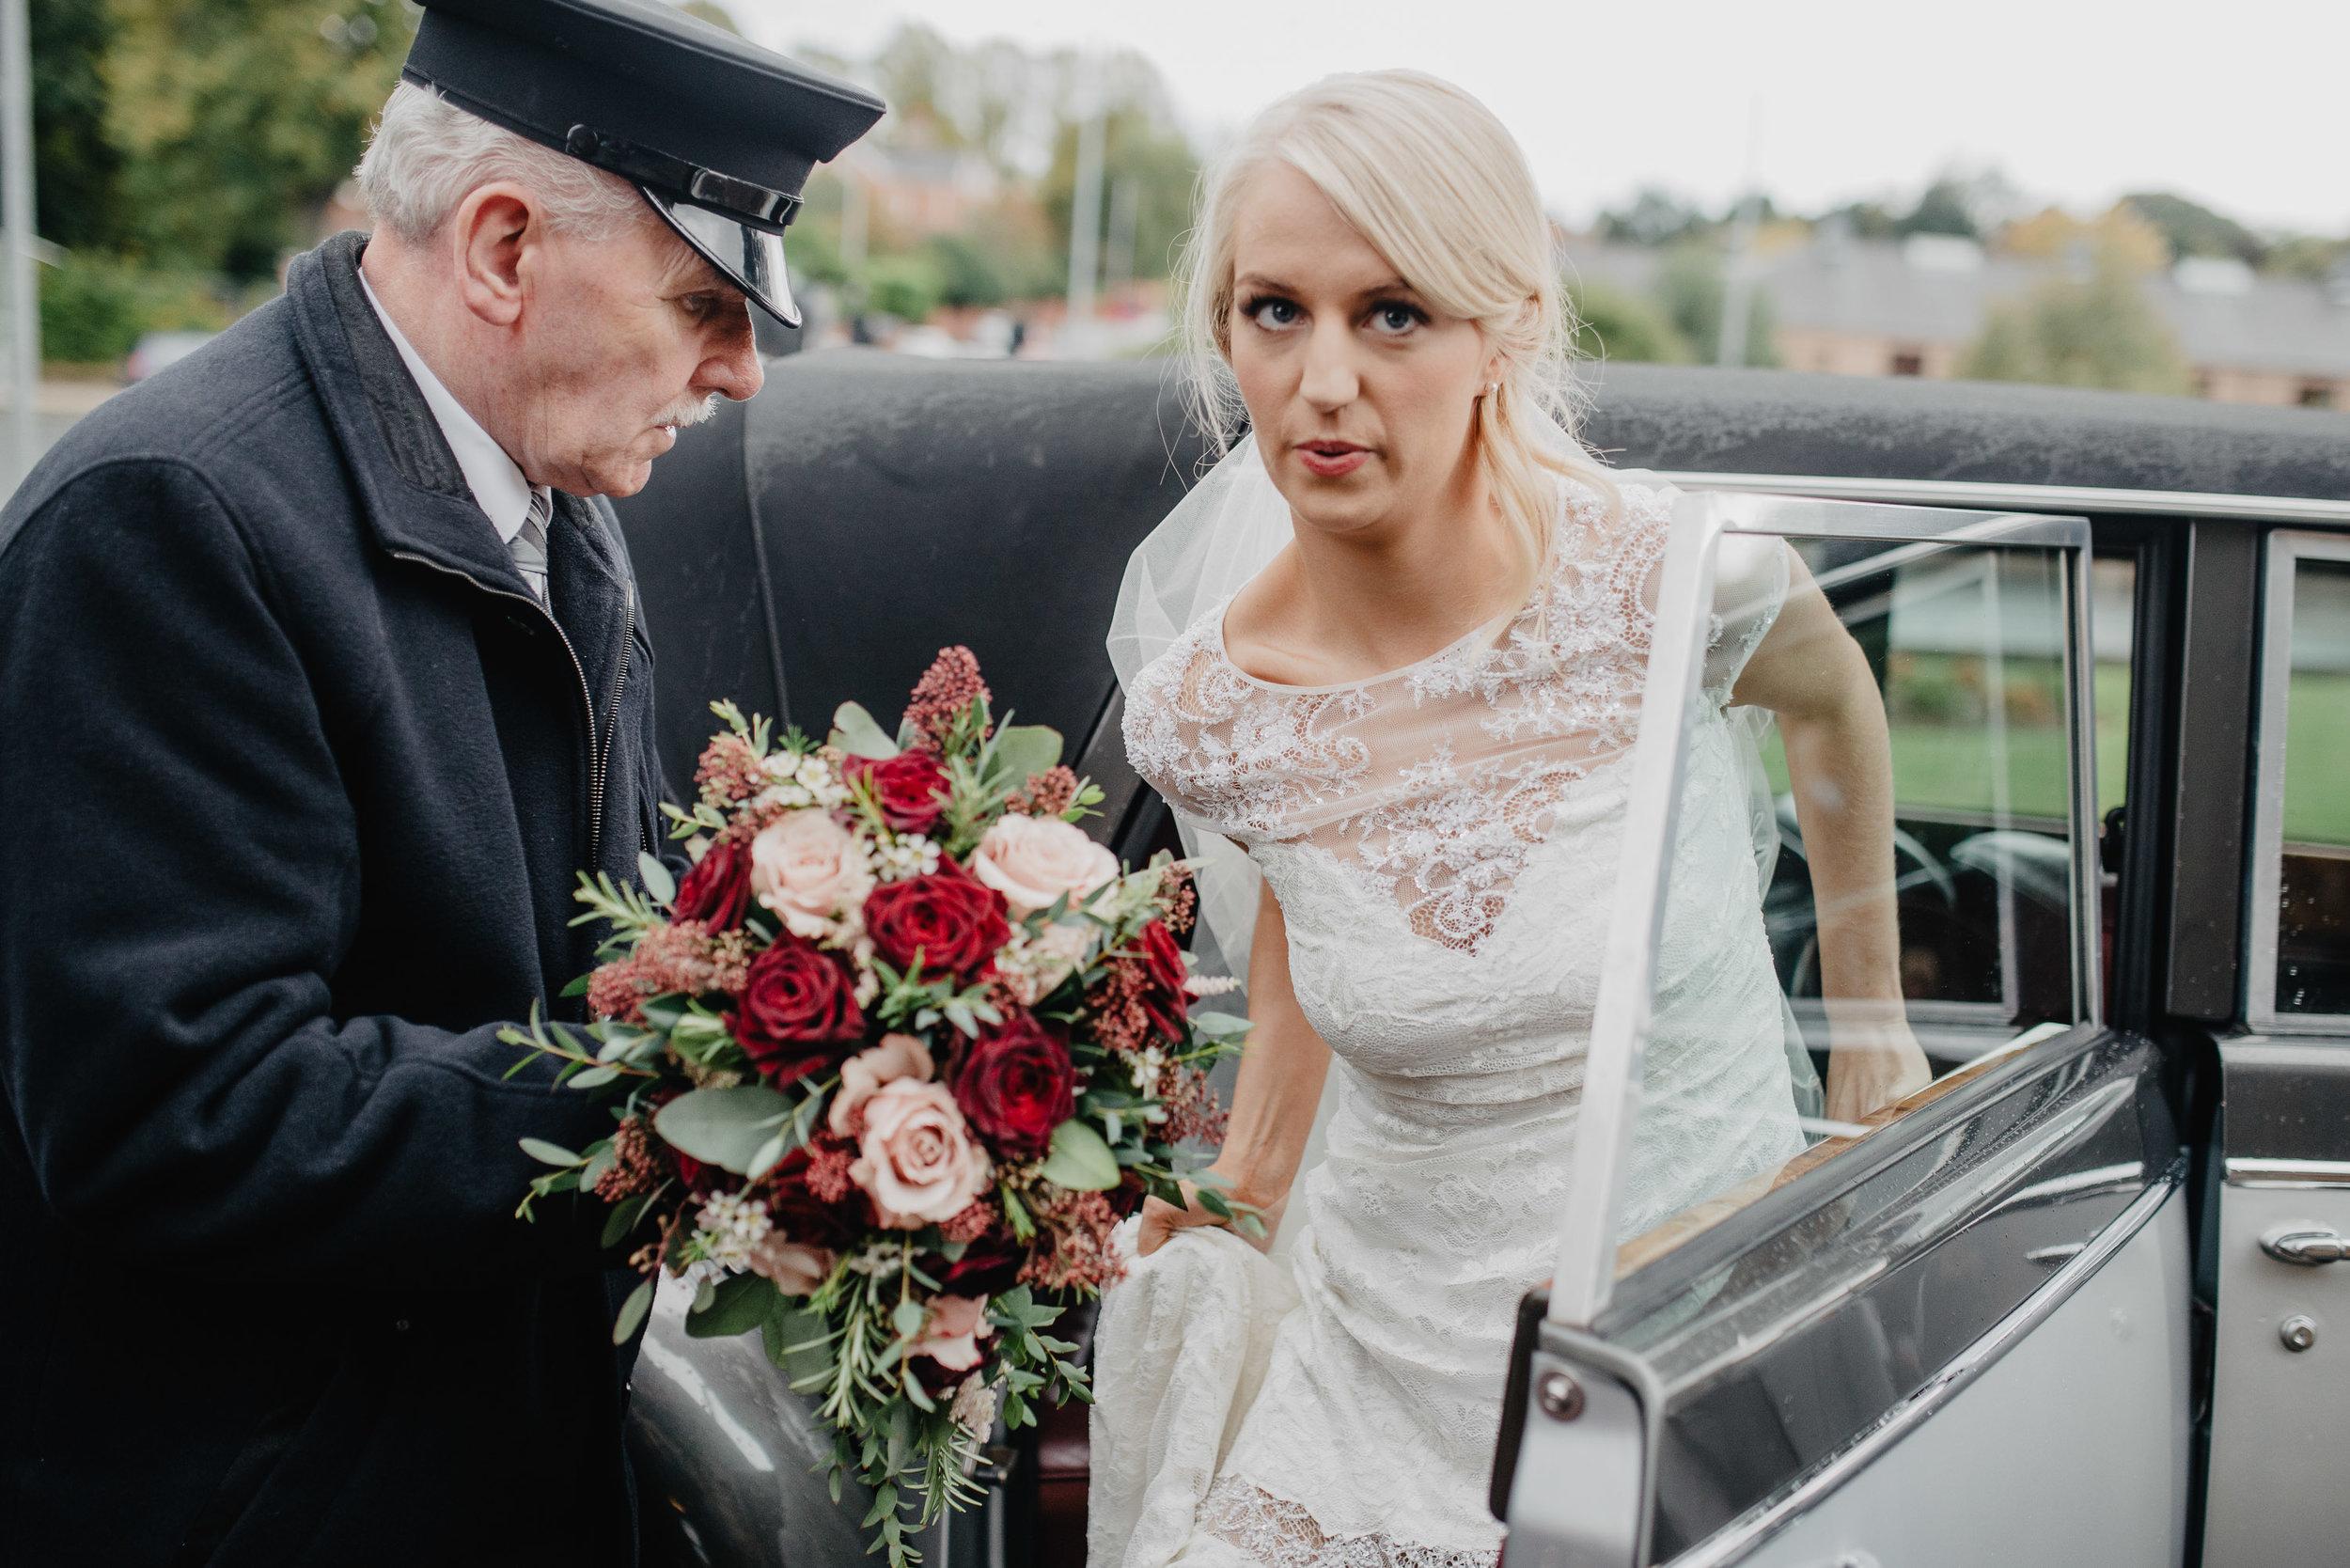 larchfield estate wedding photos-36.jpg